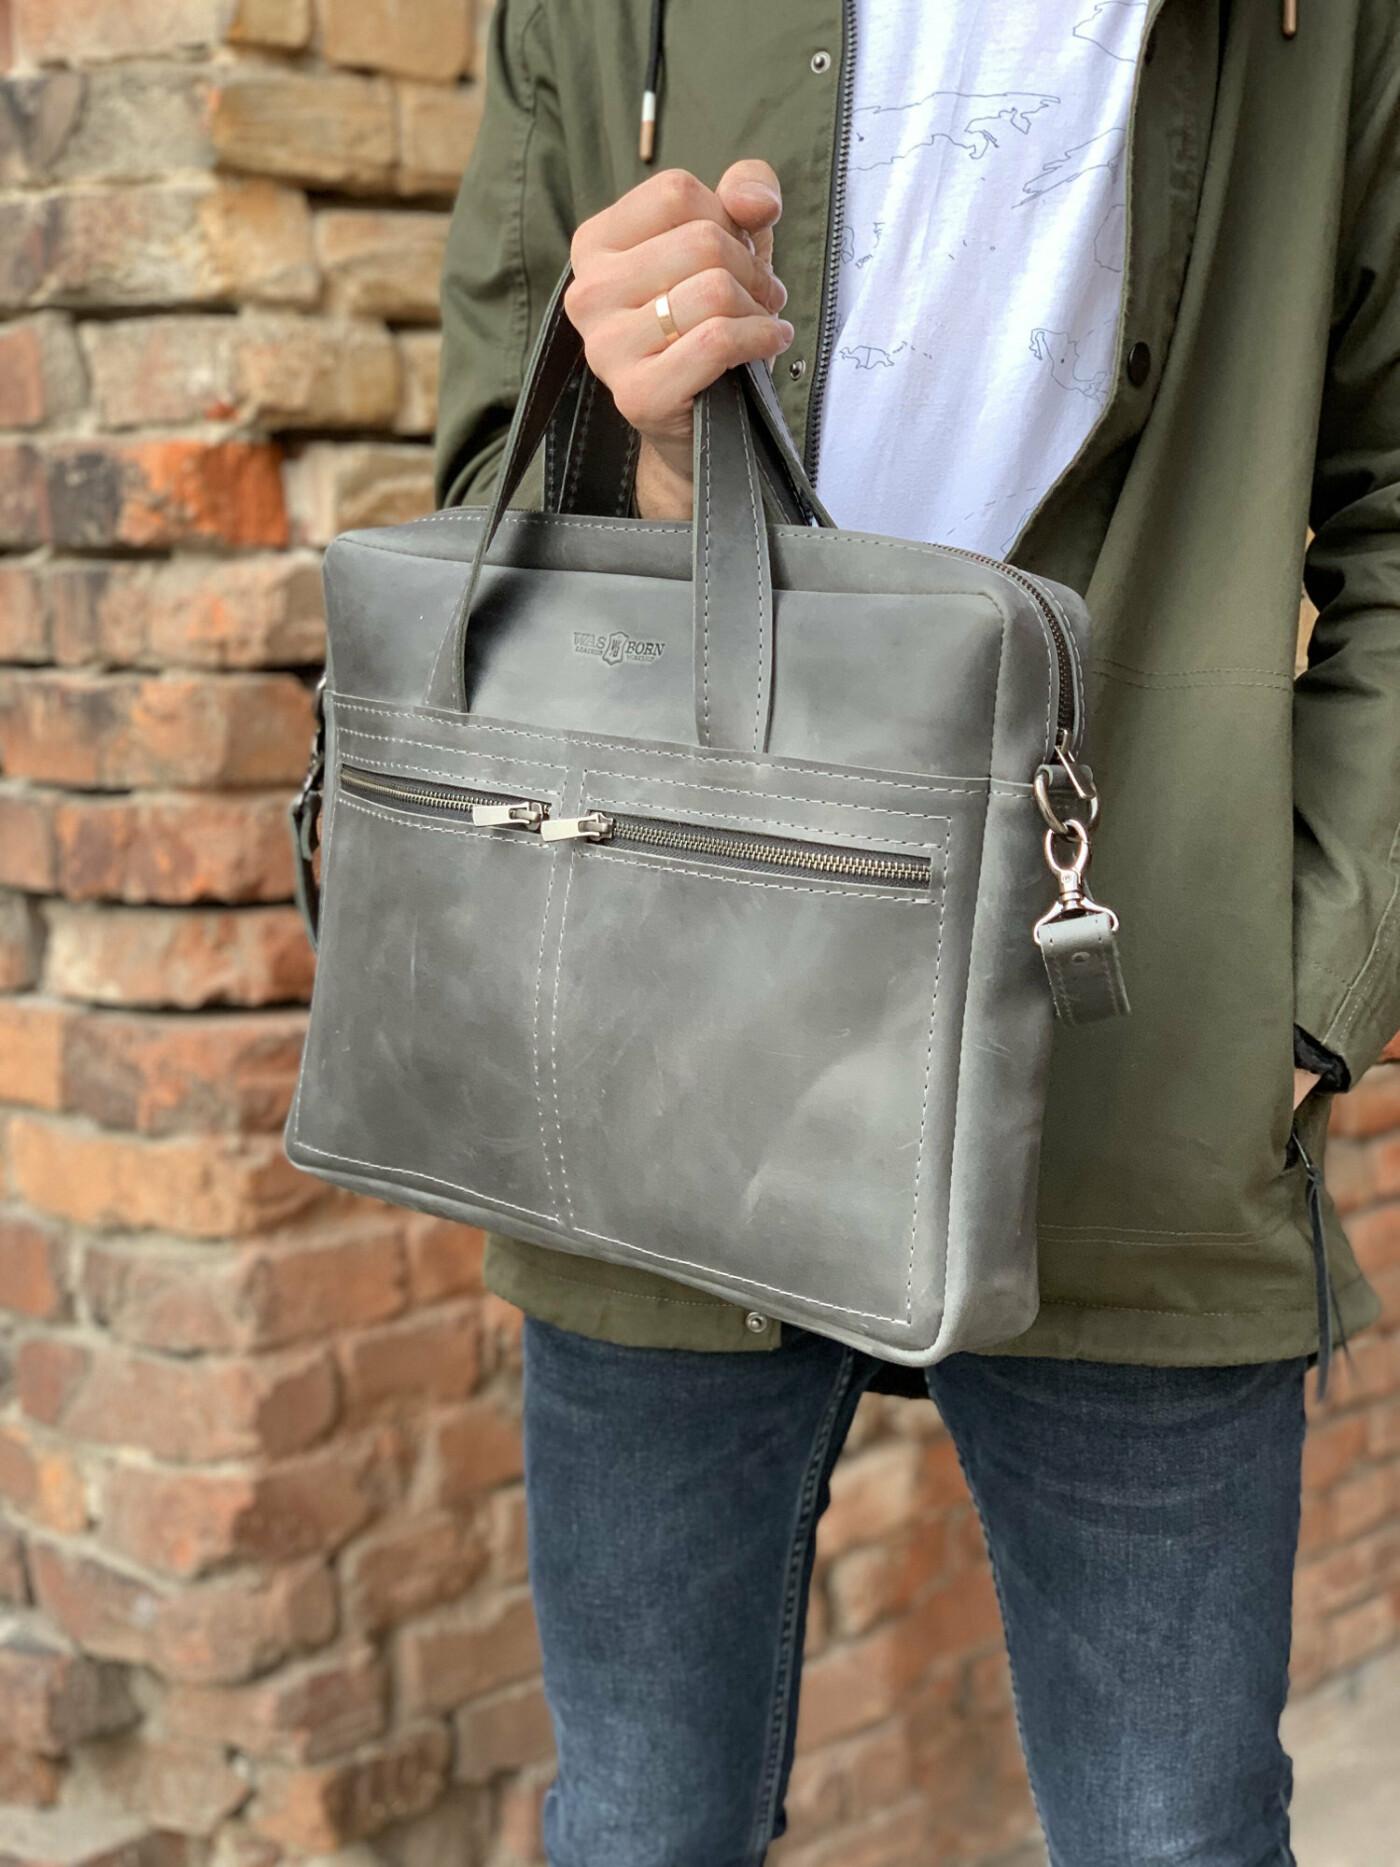 Мужская рабочая сумка - как выбрать?